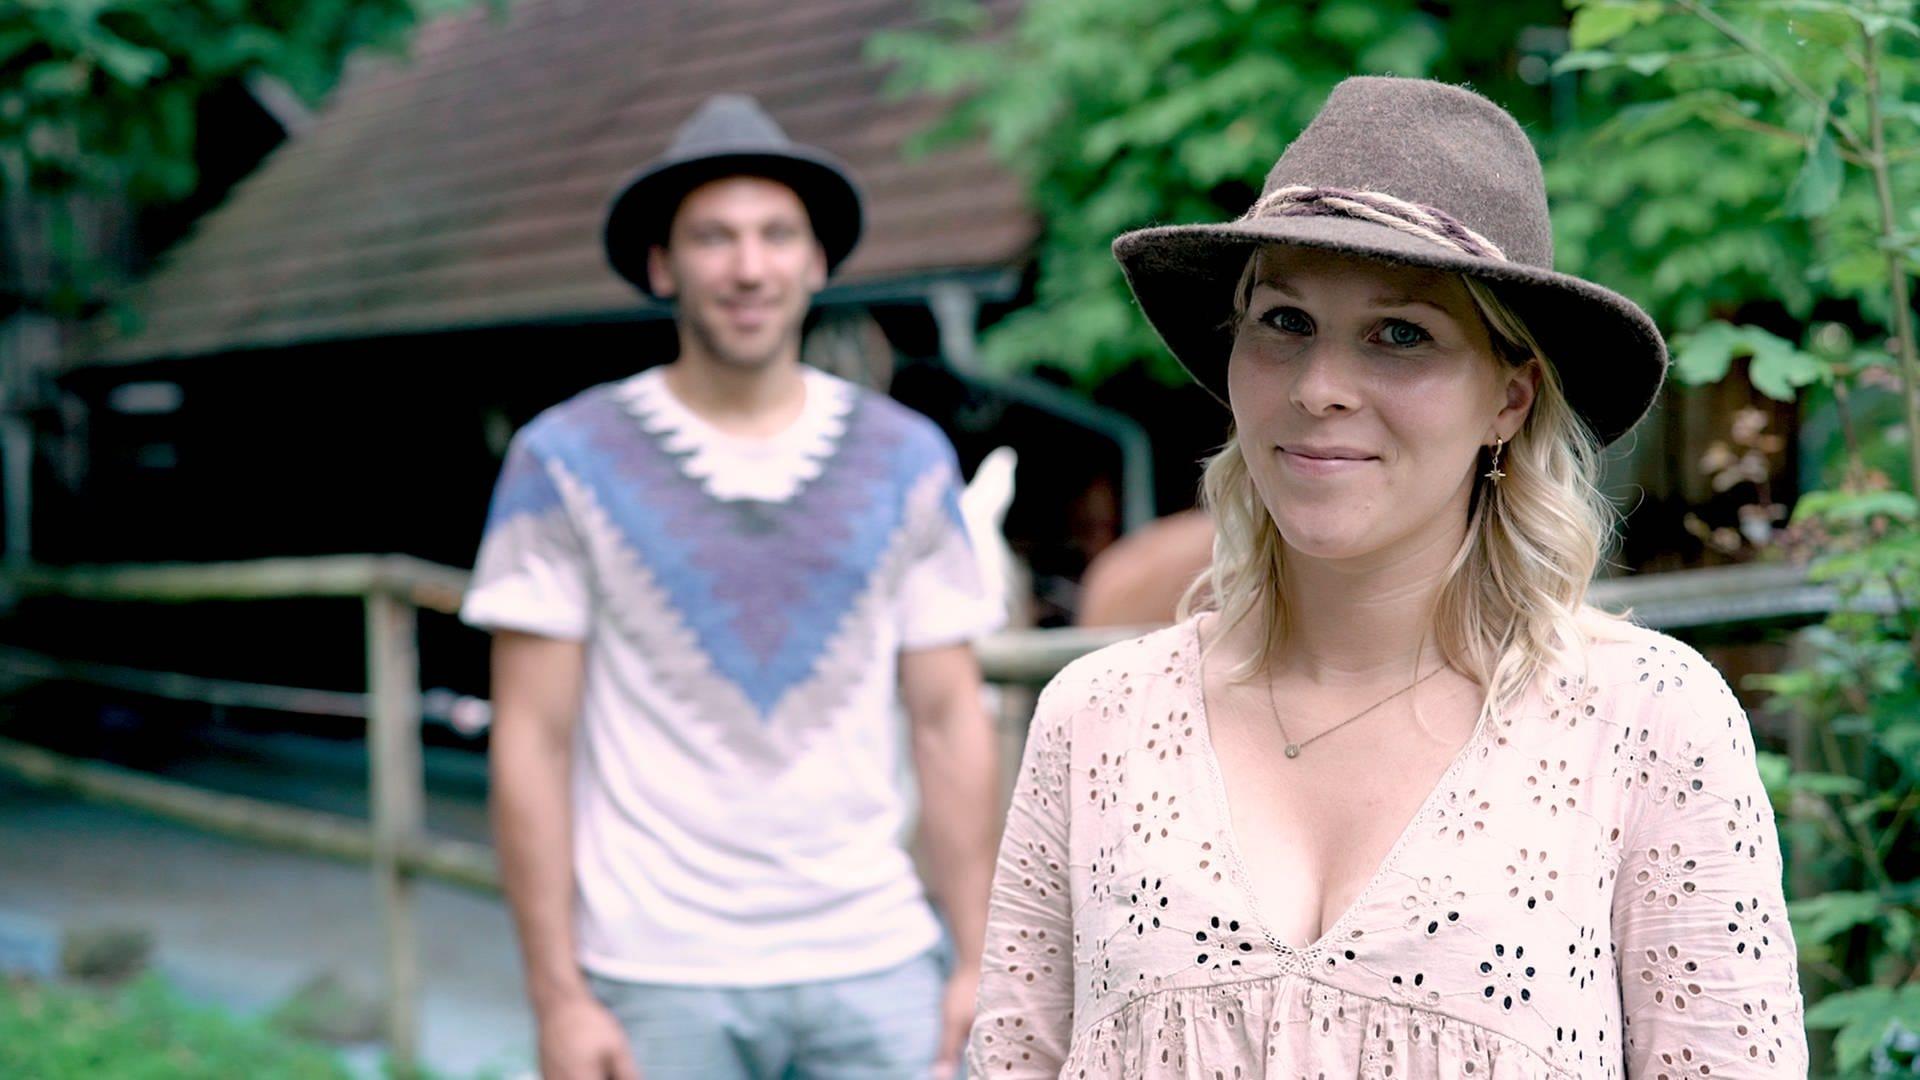 Amira hat einen braunen Hut auf und lächelt in die Kamera